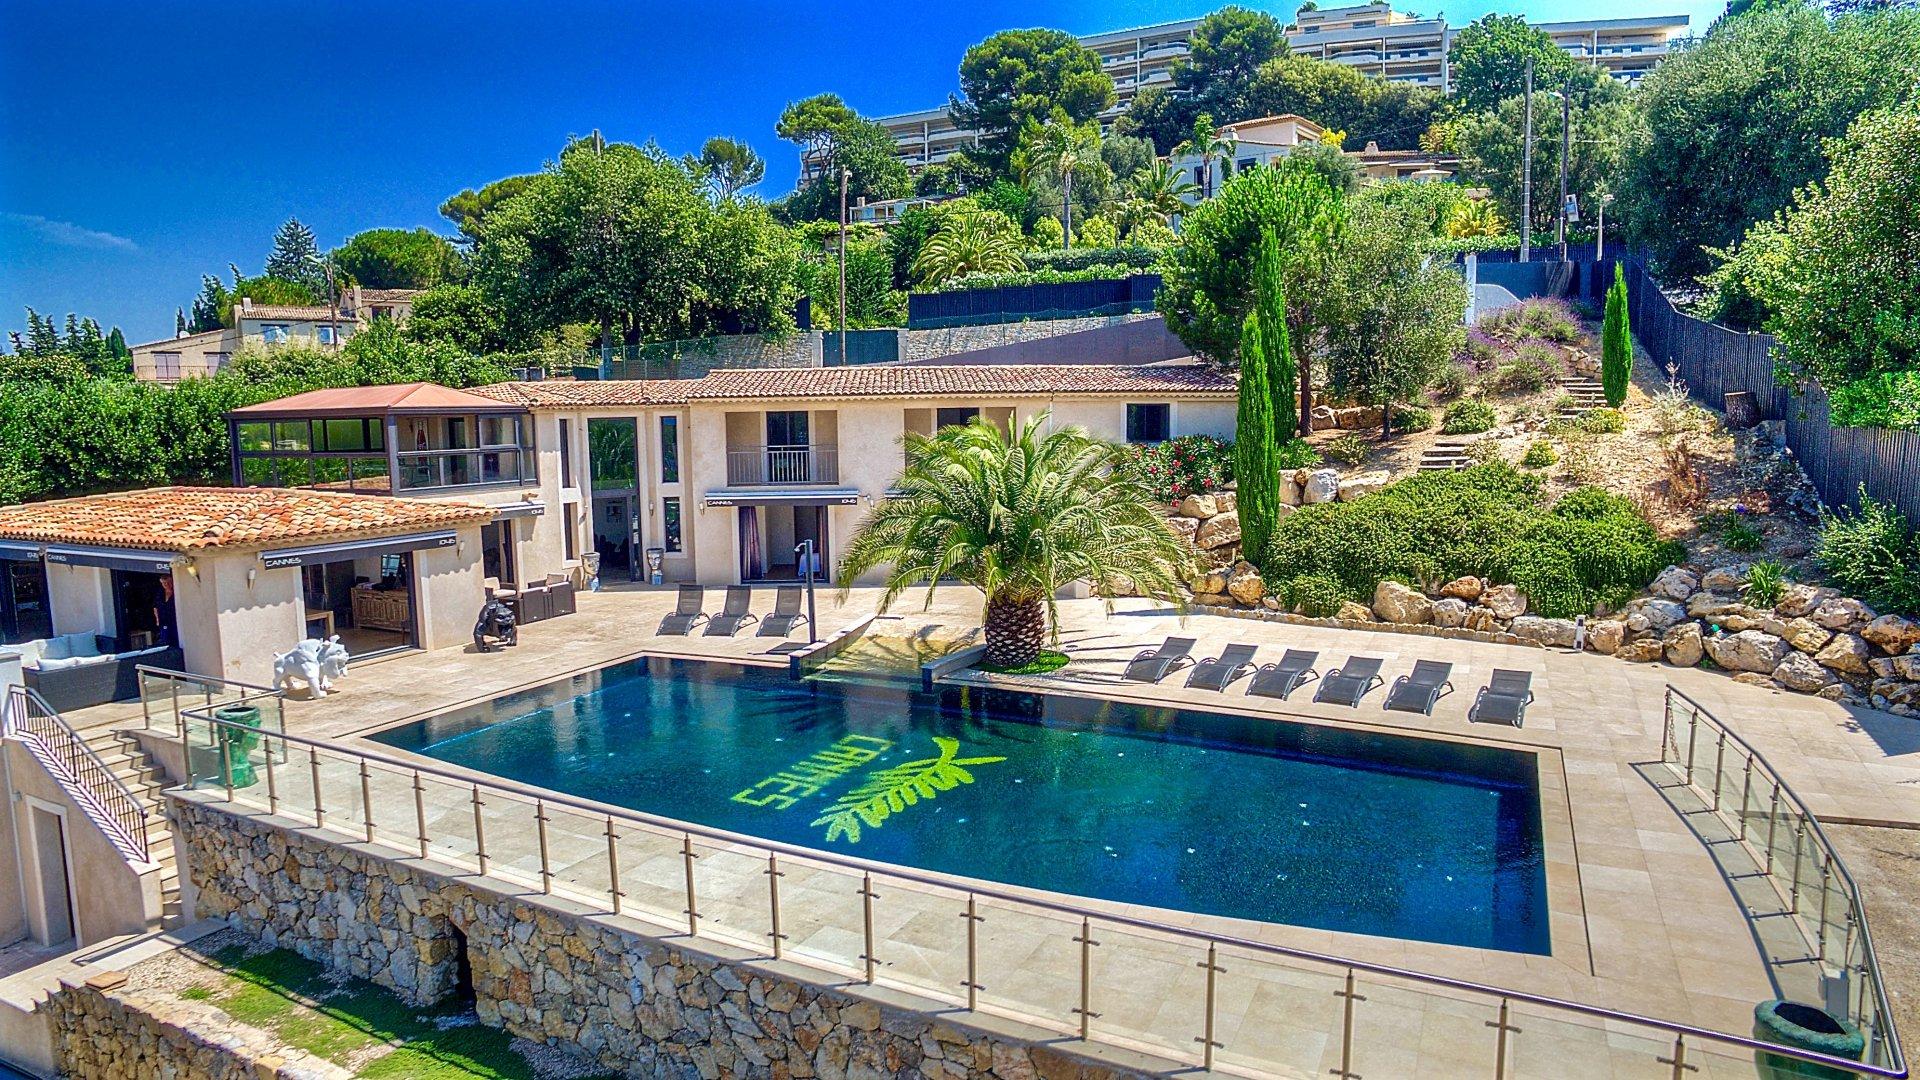 cote d 39 azur location villa luxe cannes avec piscine vue mer panoramique. Black Bedroom Furniture Sets. Home Design Ideas